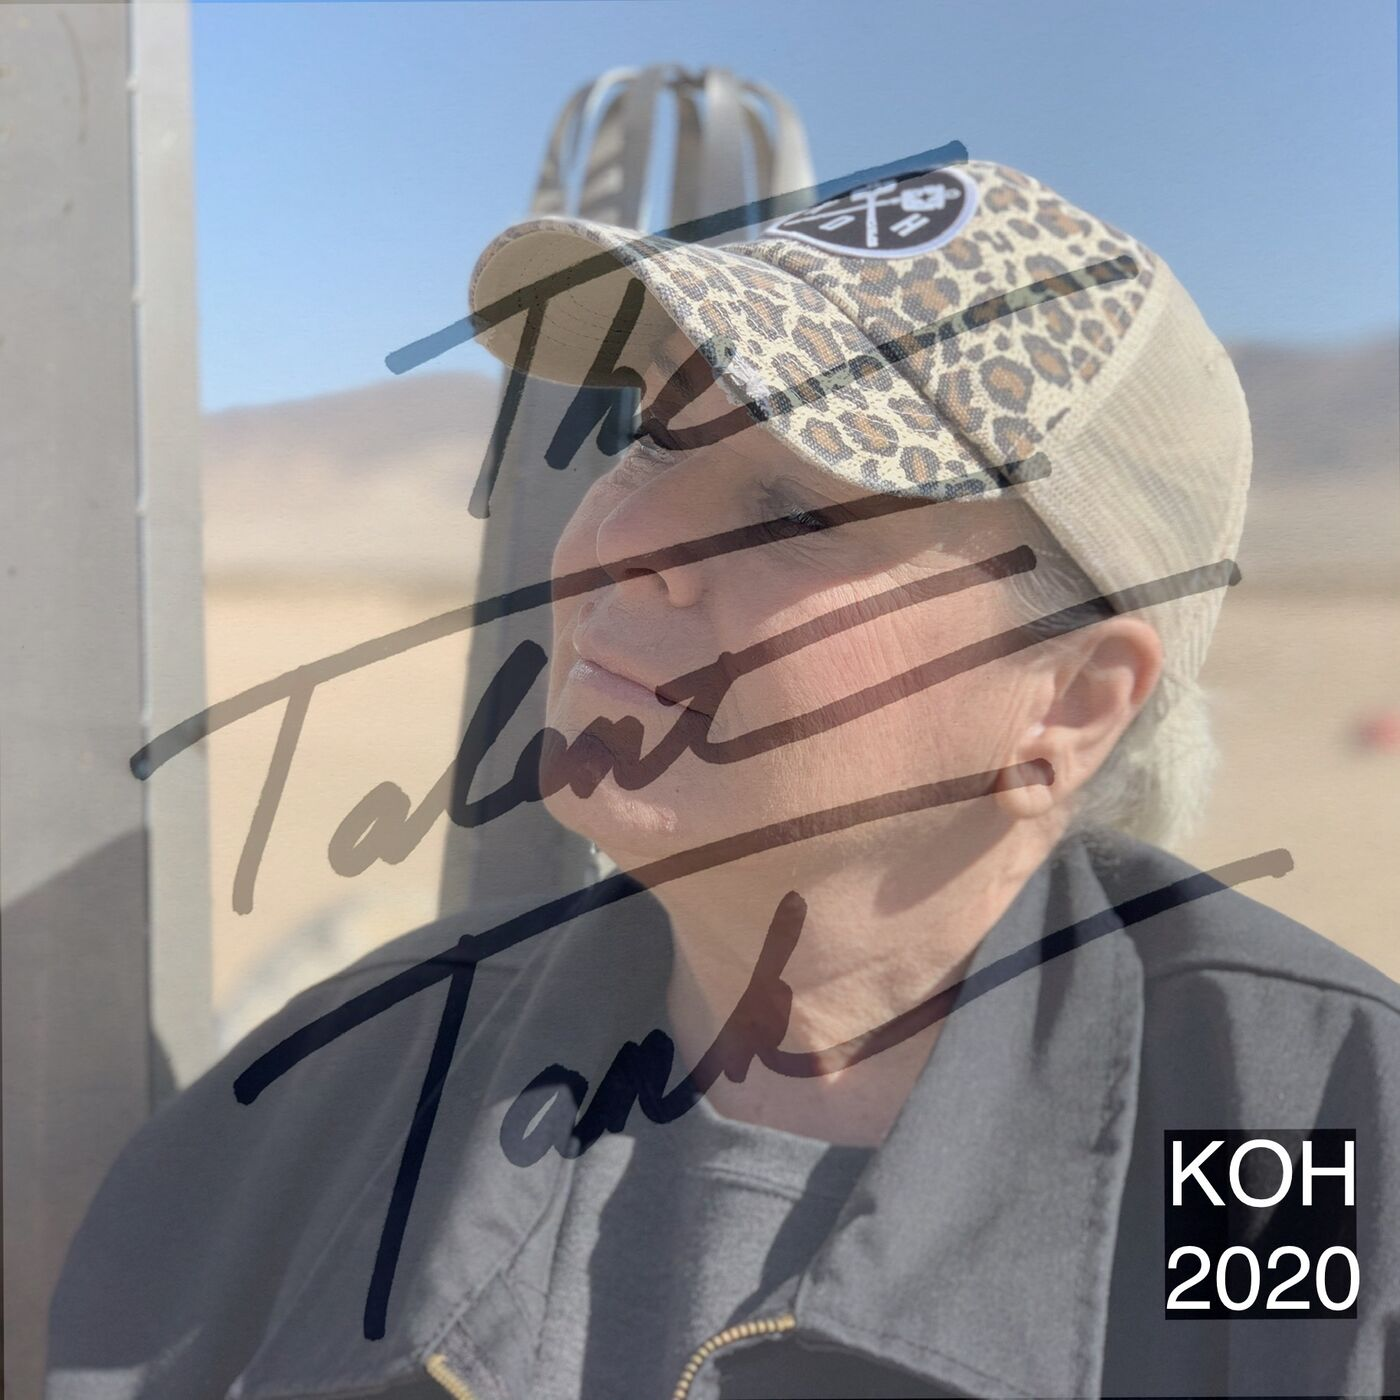 KOH2020 SP 07 Roxy Foster